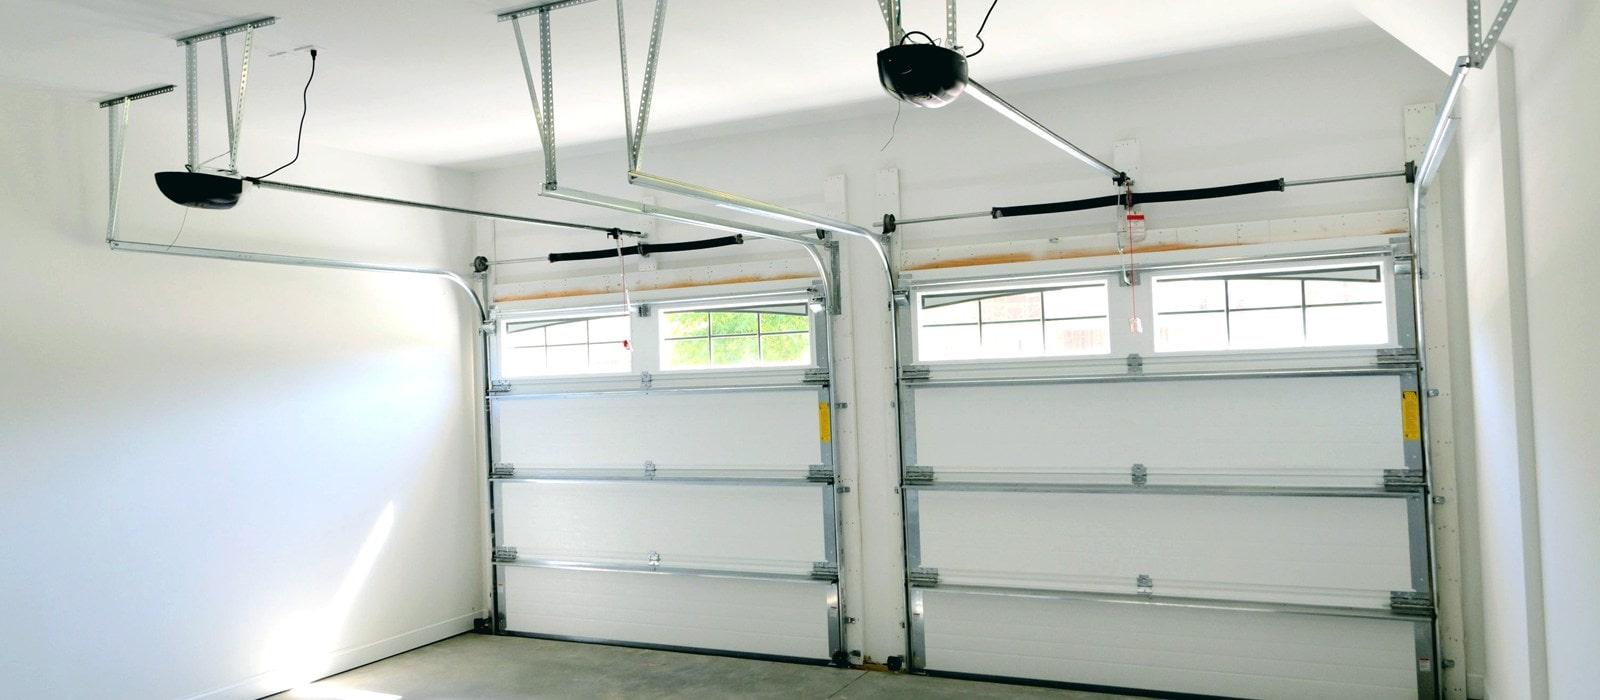 Garage door springs in los angeles local gate installers for Garage door repair santa monica